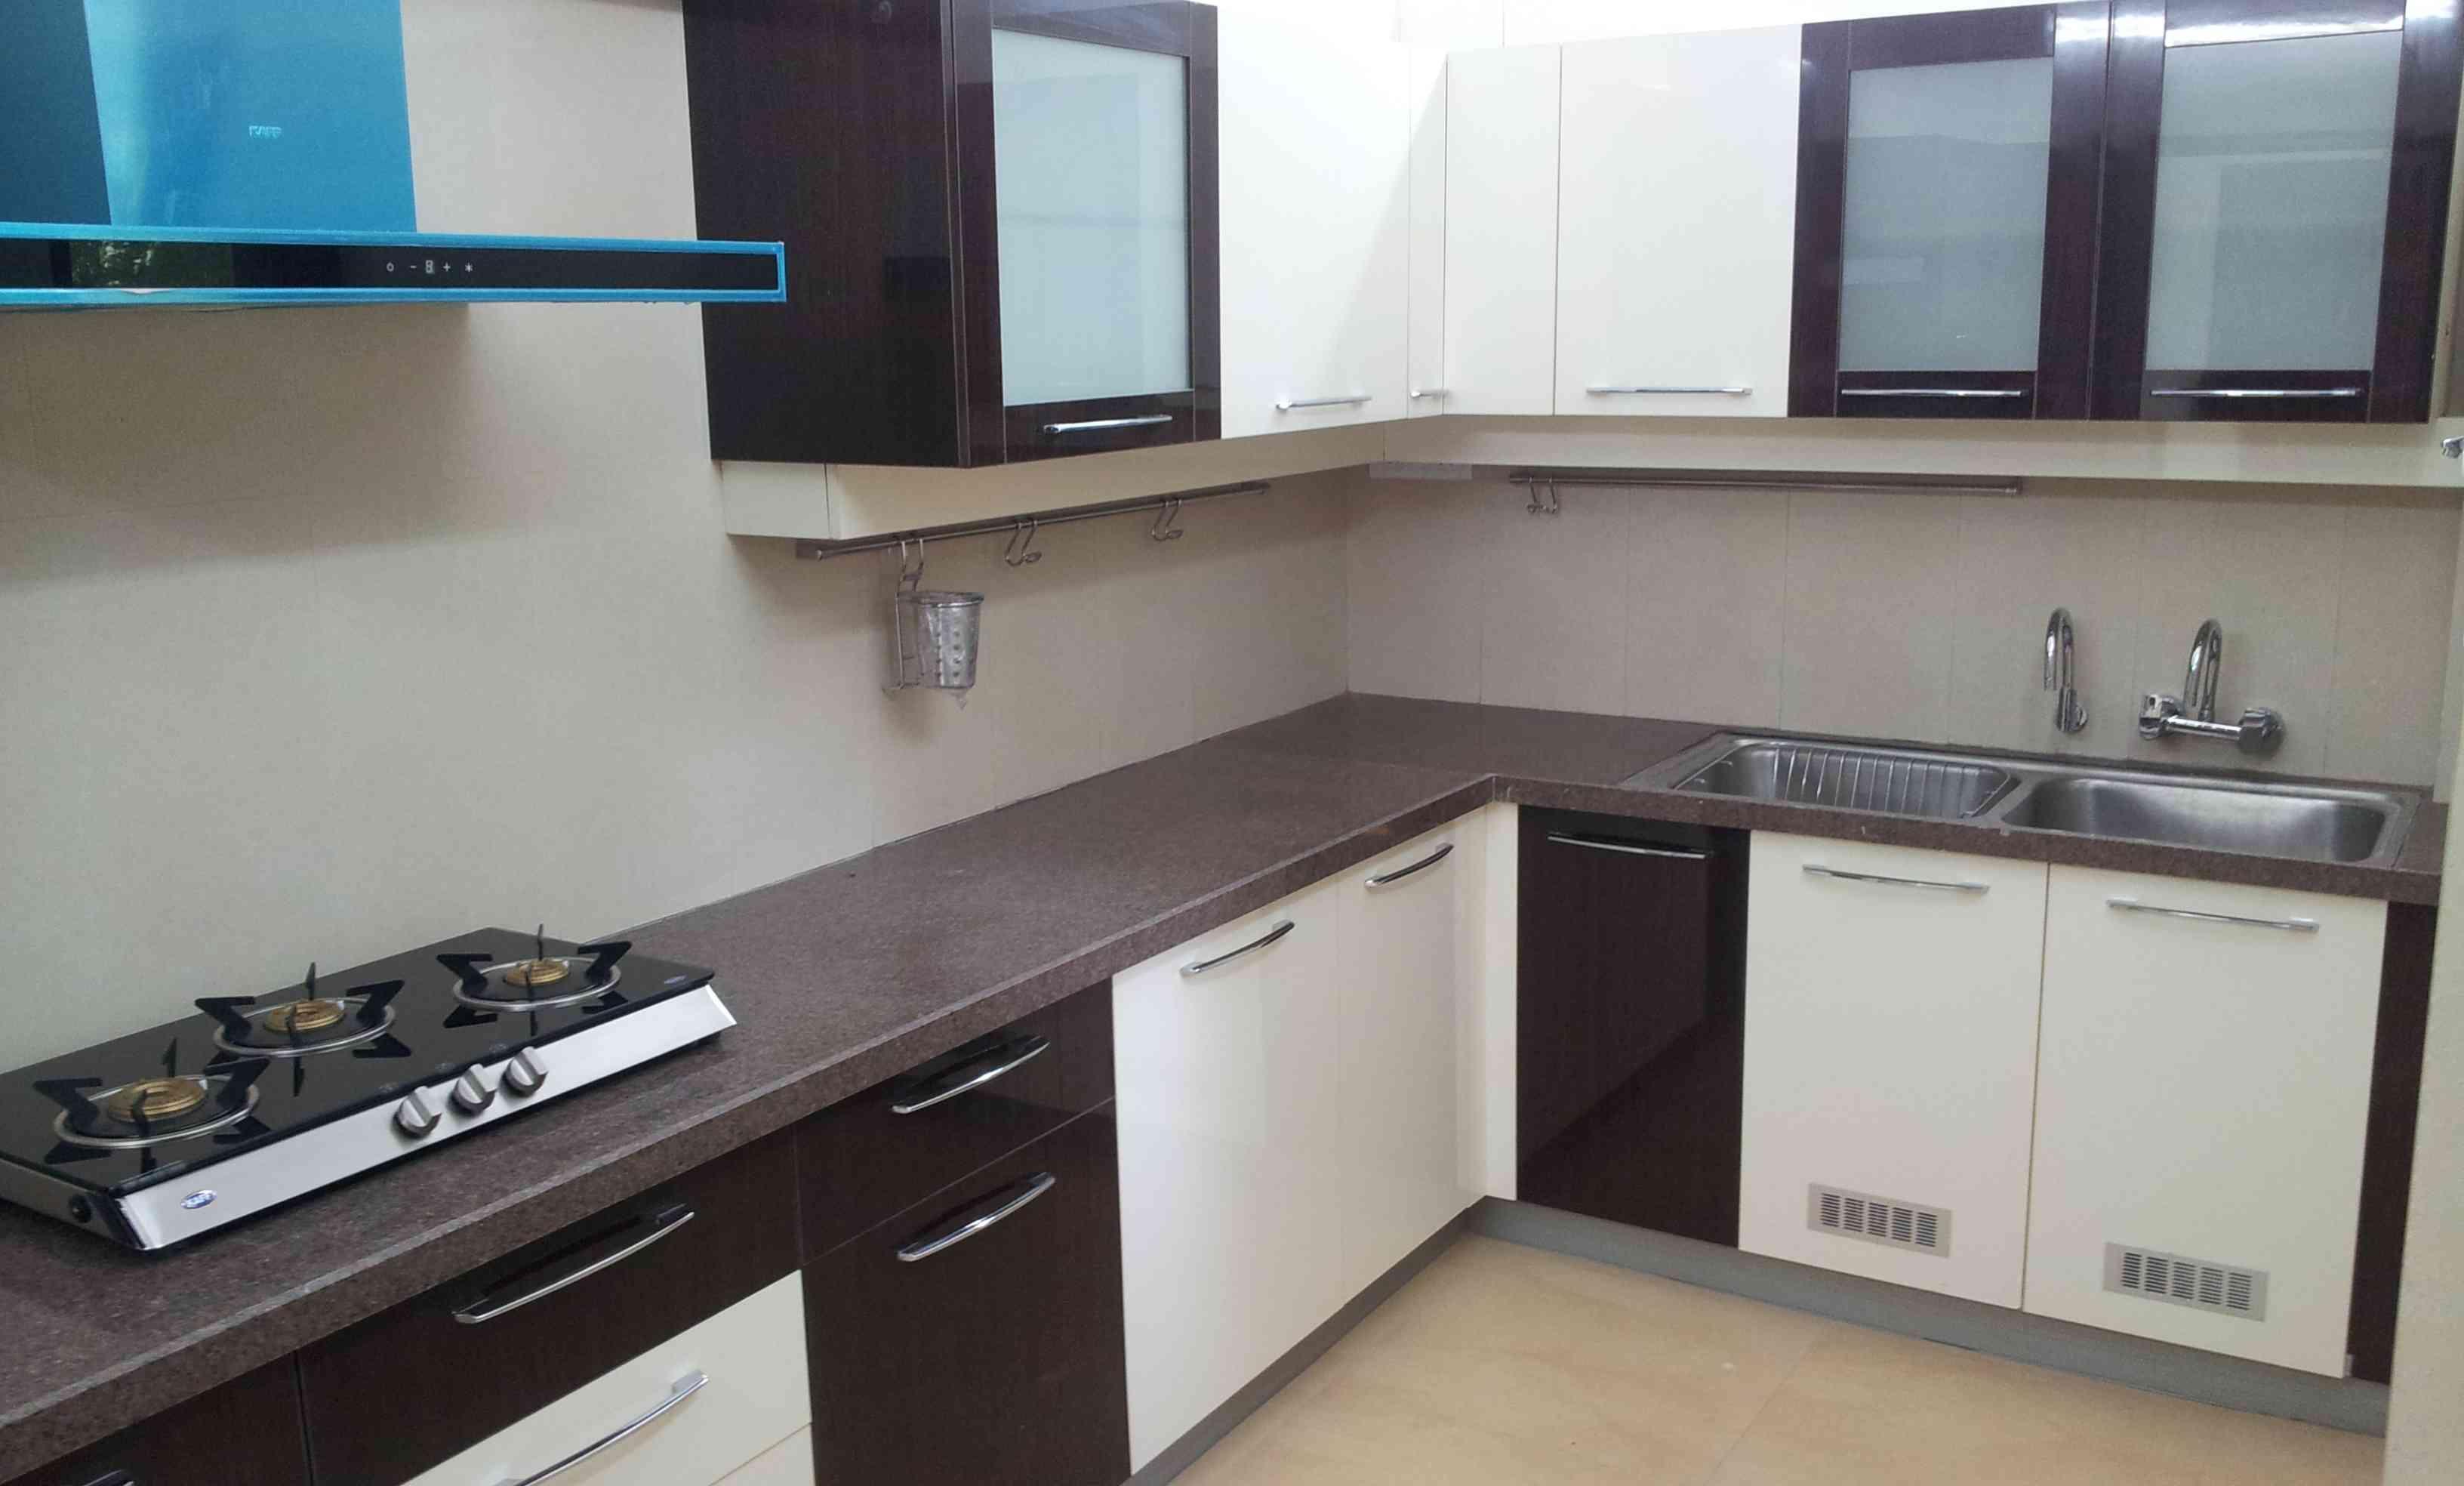 Brilliant Kitchen Design Ideas India 91 9945535476 For Modular In